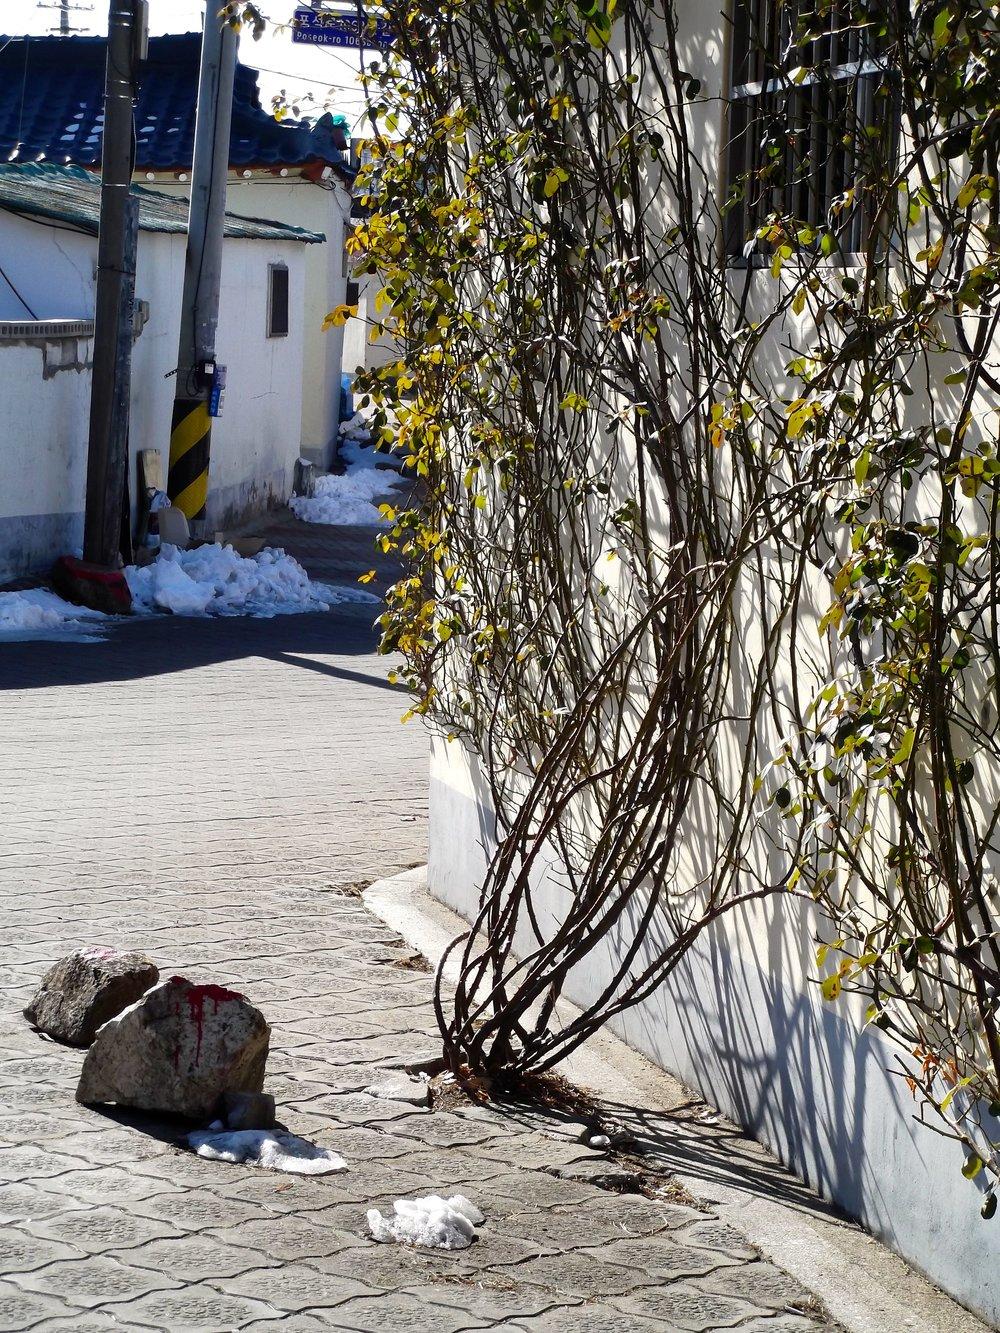 Vines-growing-from-sidewalk.jpg